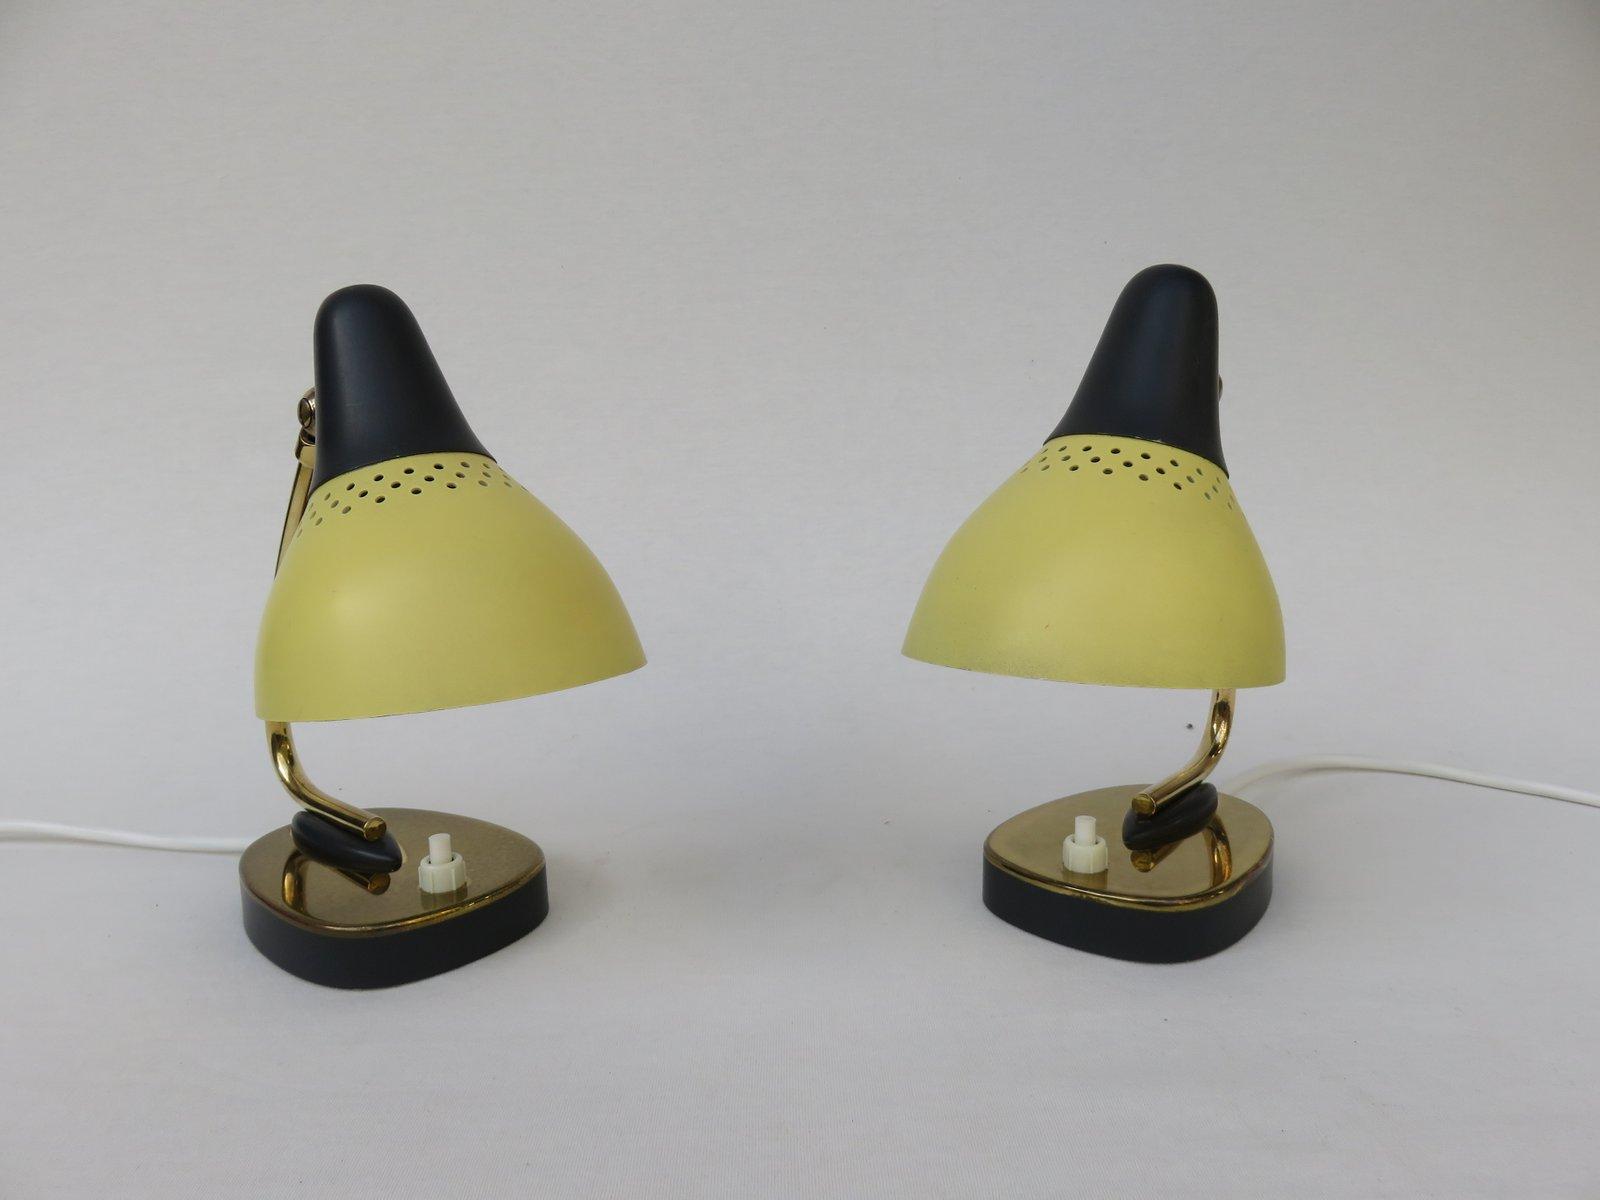 Lampade da tavolo in ottone laccato giallo e nero italia - Lampade da tavolo anni 50 ...